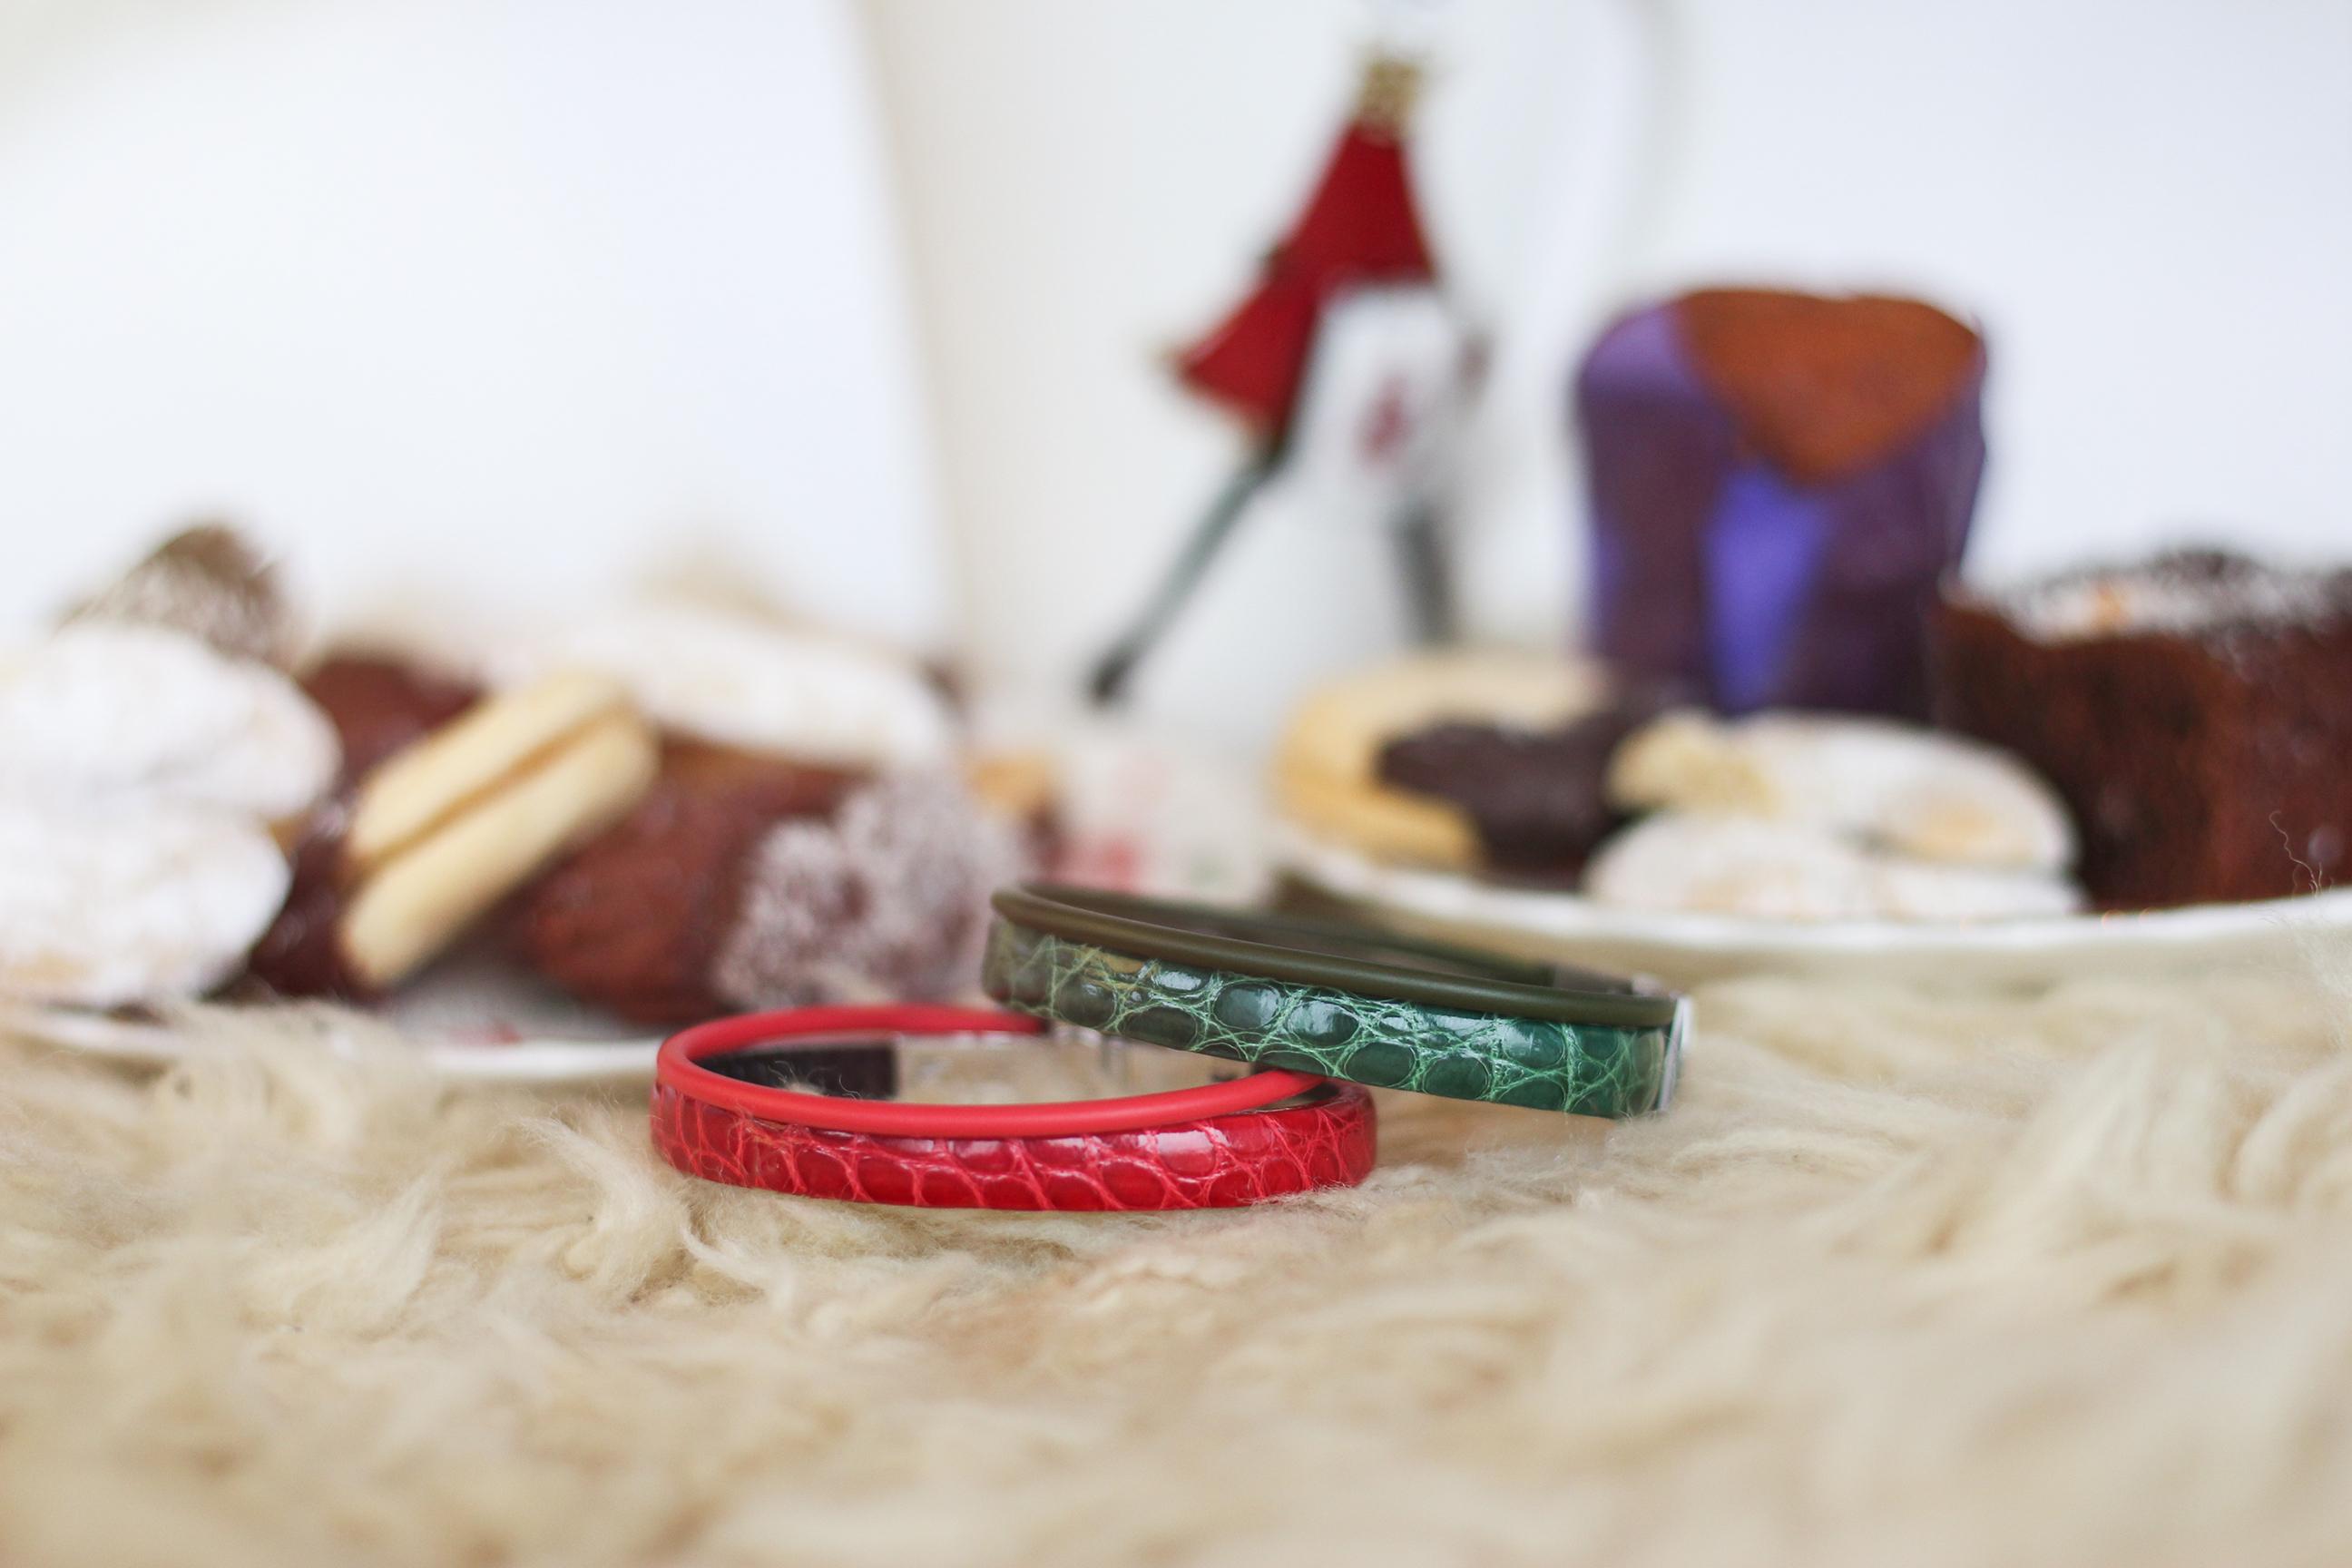 lederarmb nder armband aus leder bunt weihnachtsgeschenk idee geschenk freundin freund bernstein. Black Bedroom Furniture Sets. Home Design Ideas